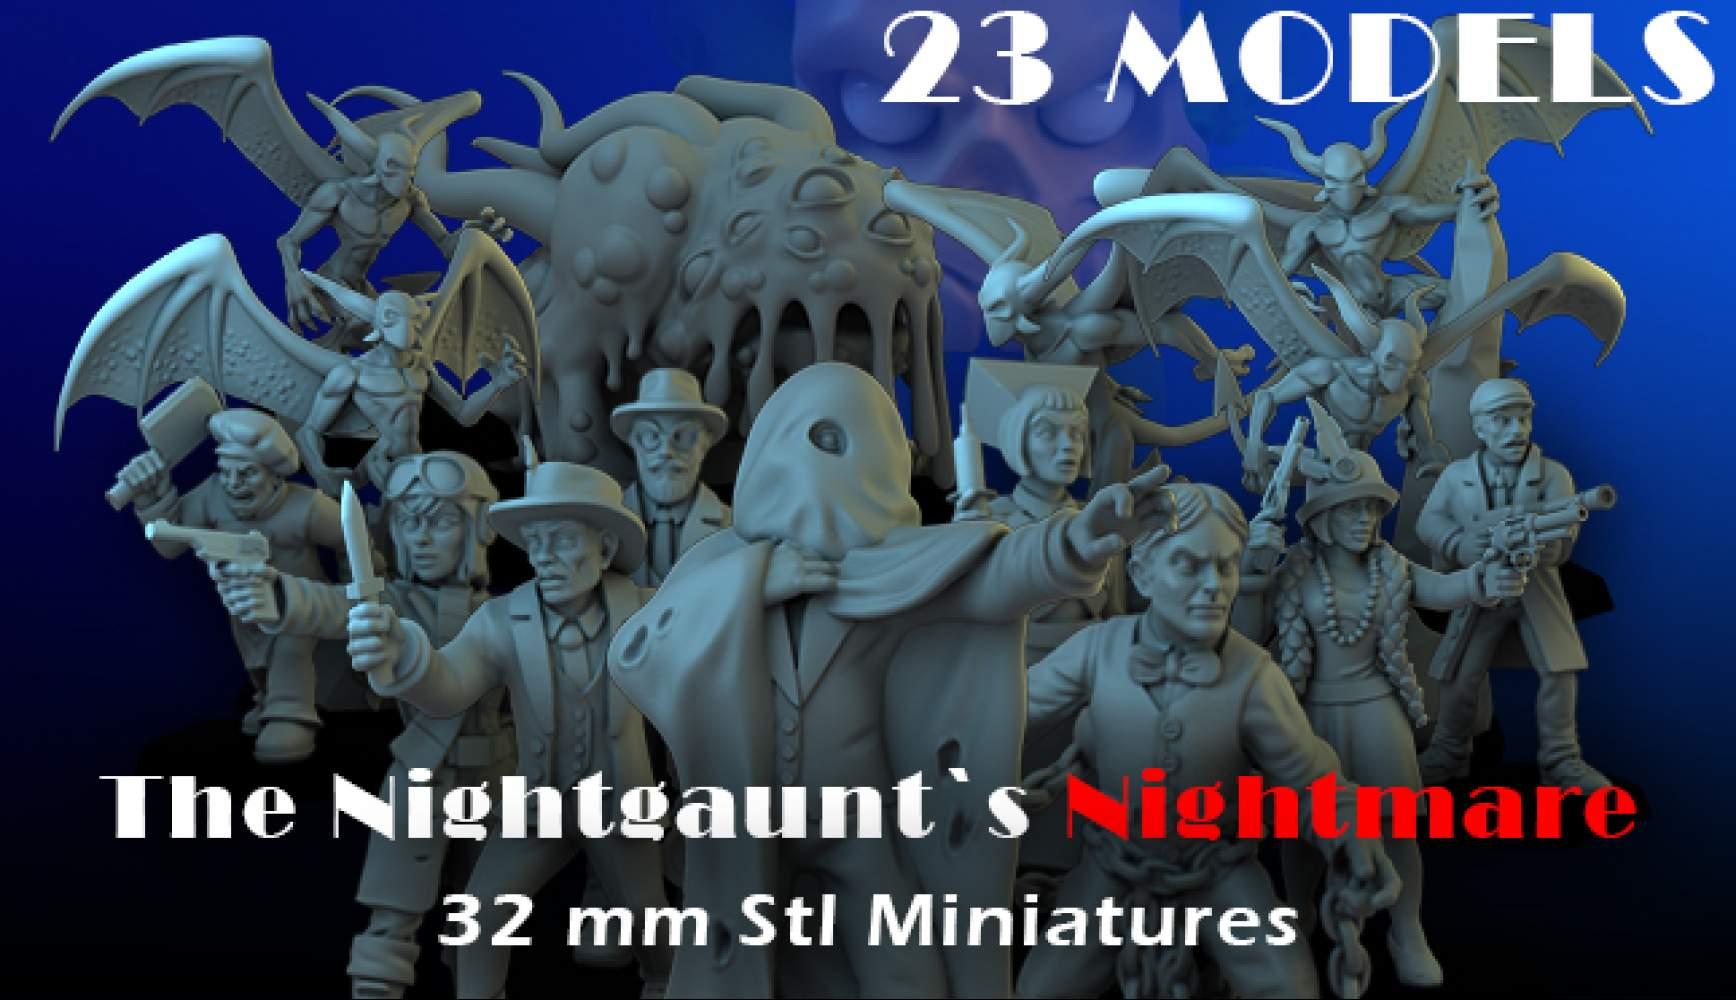 Nightgaunt's Investigators